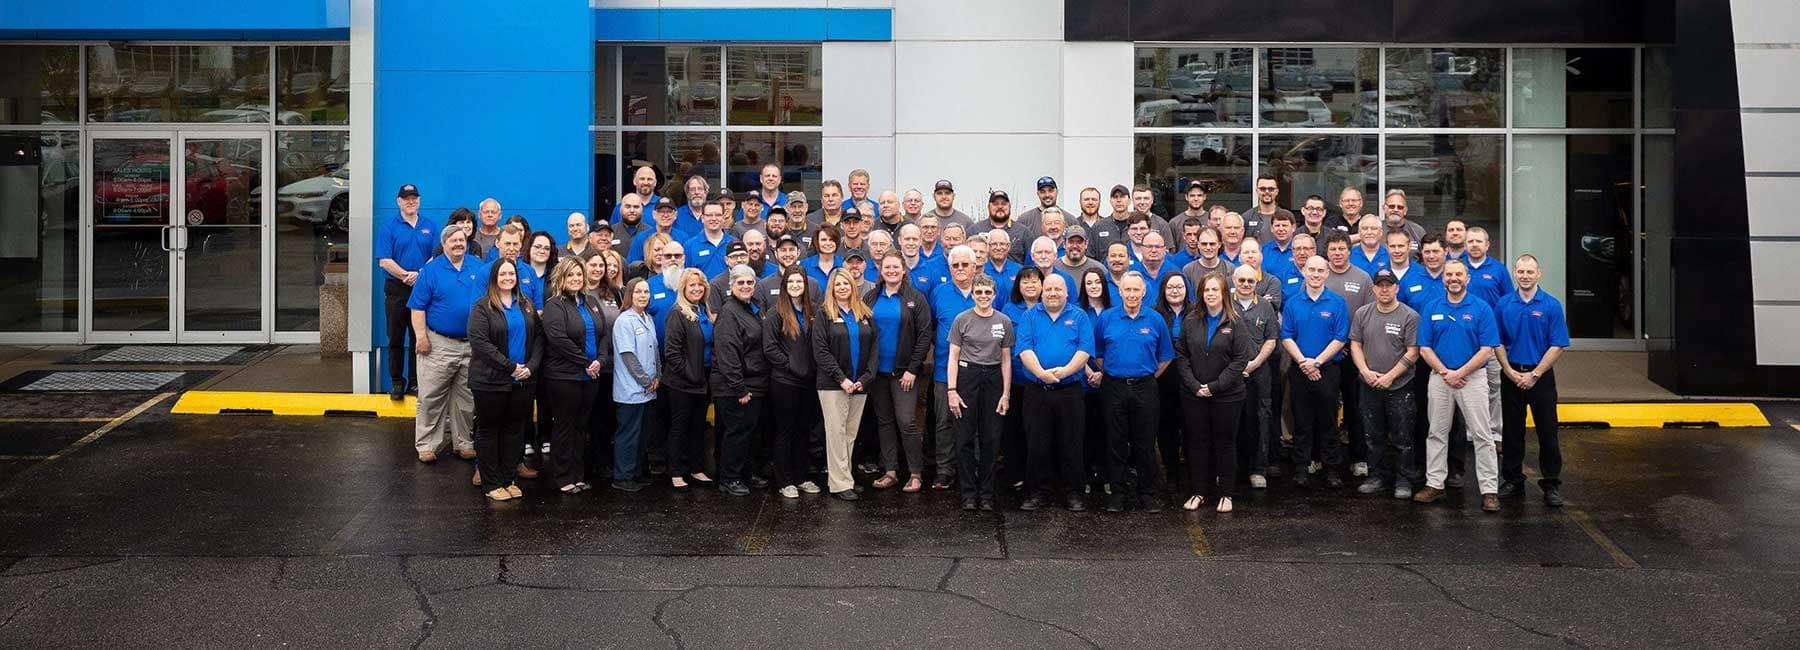 Dealership Group photo